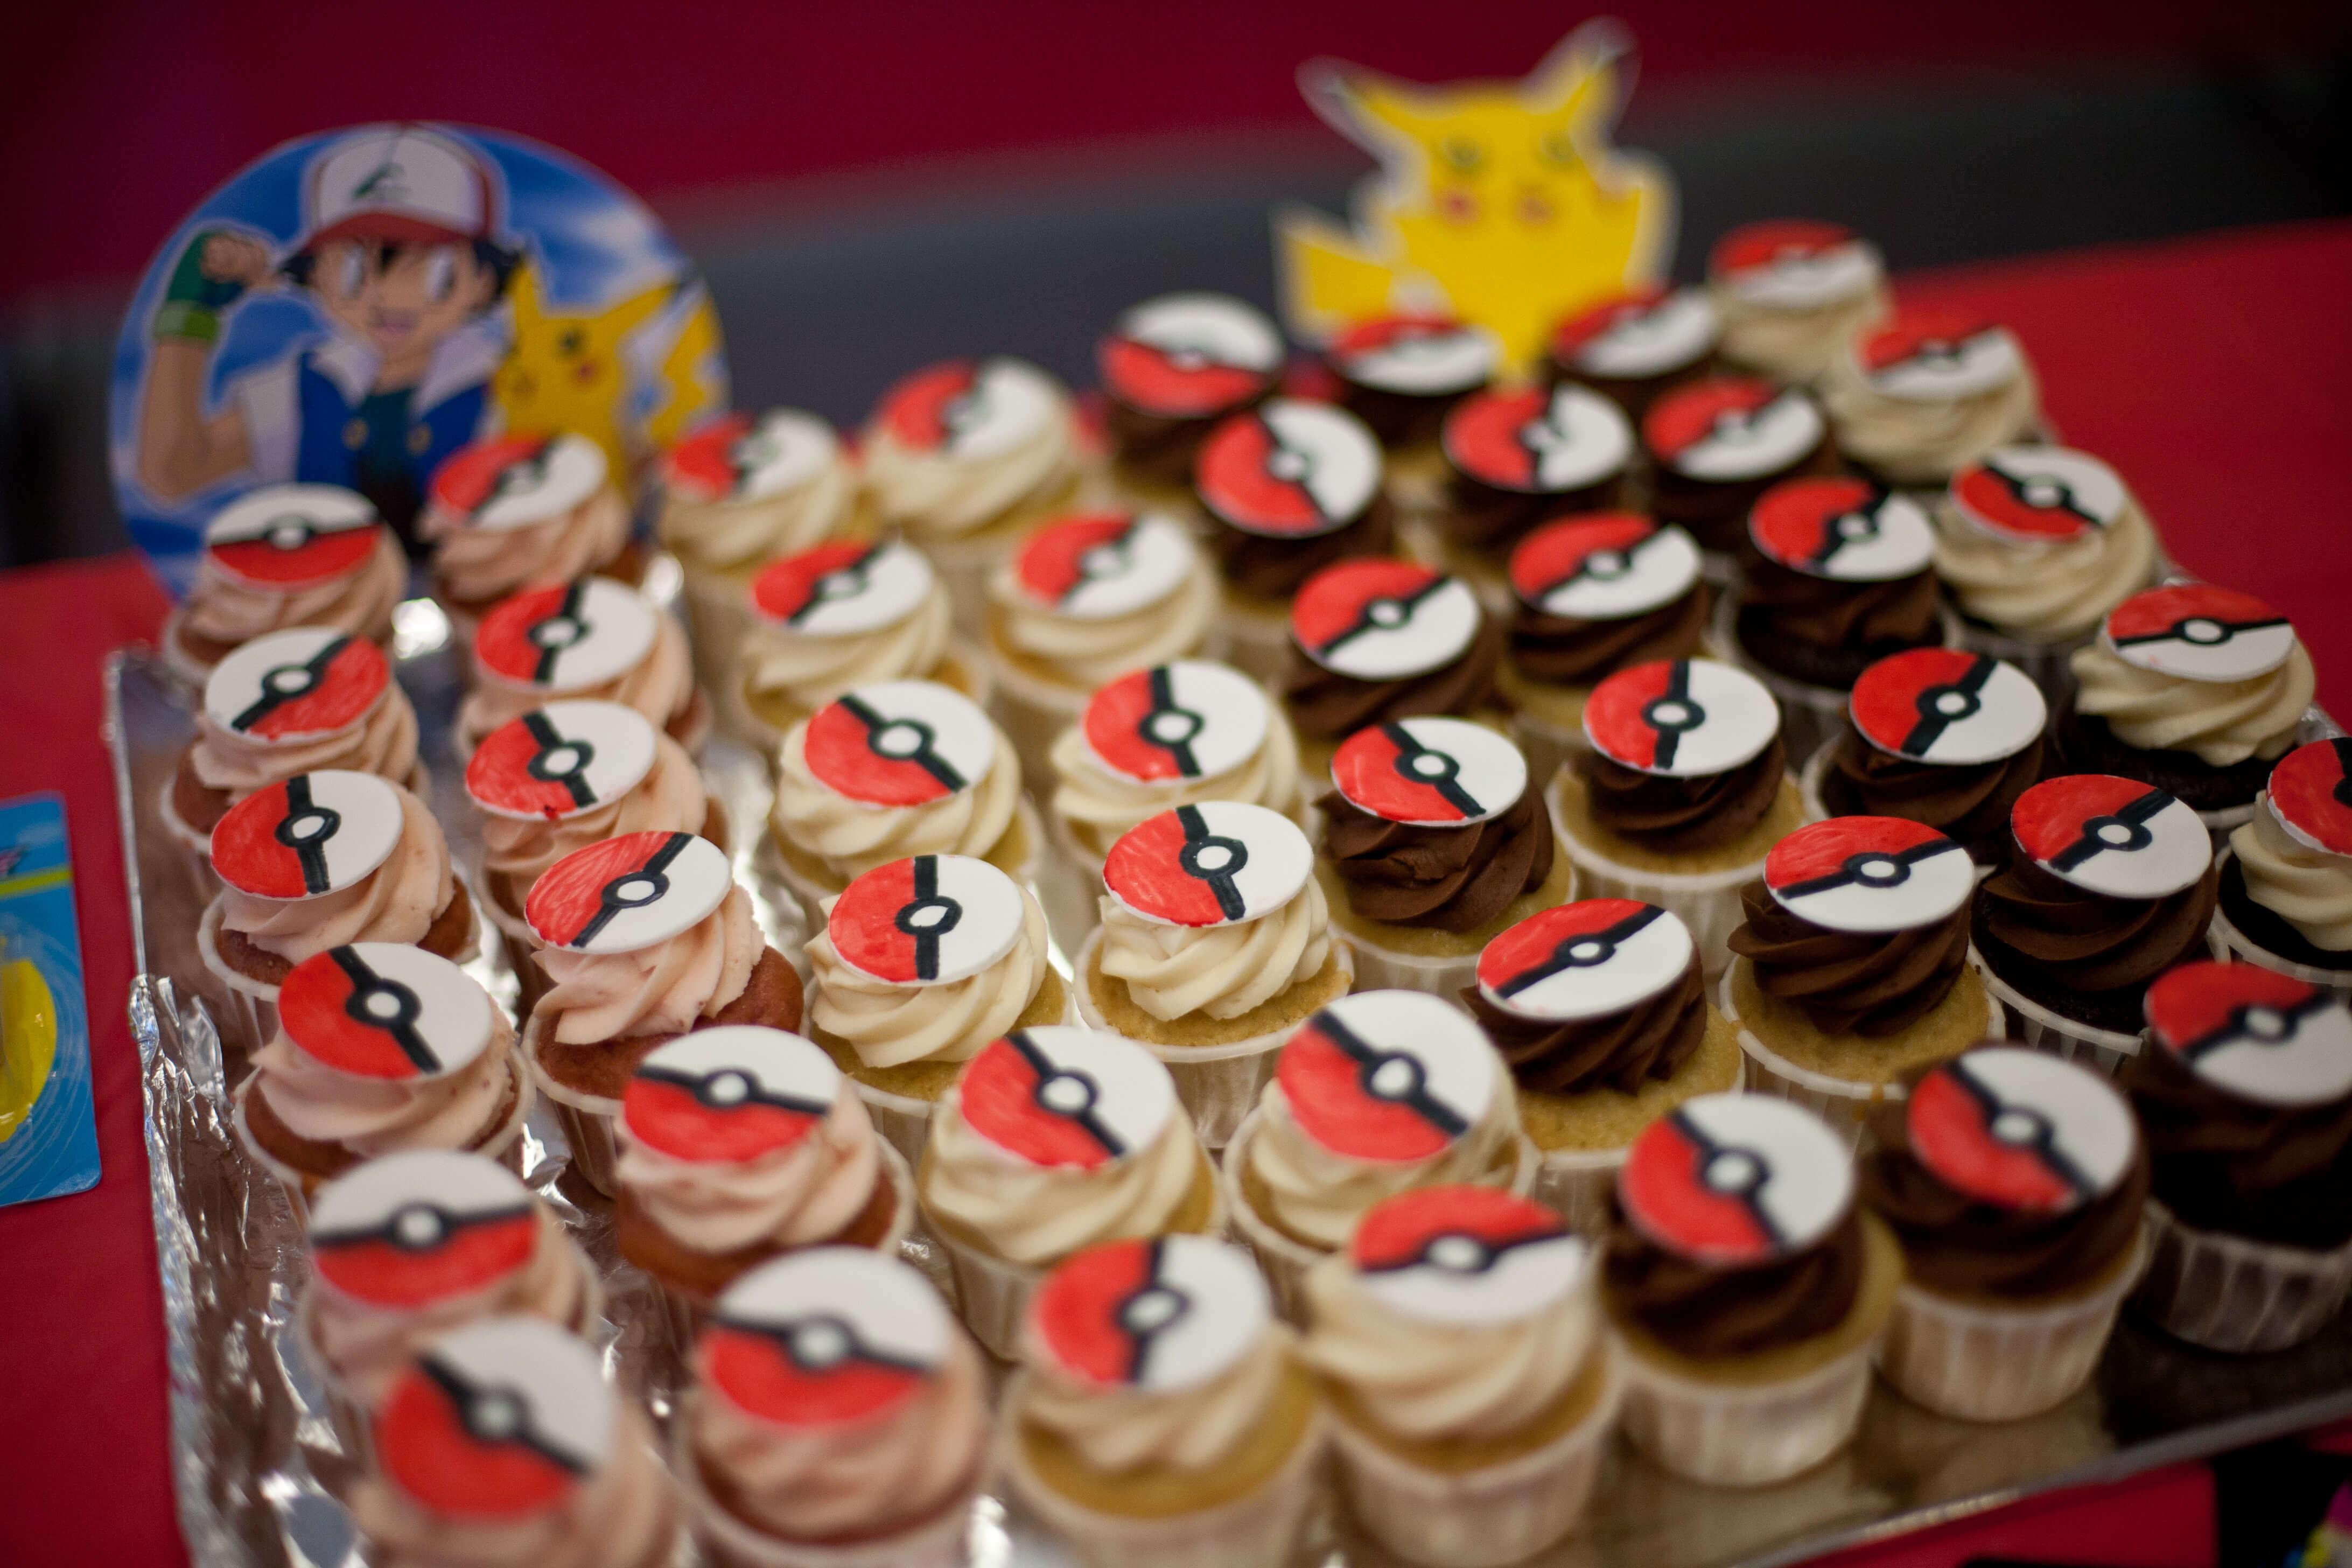 Pokeball Cupcakes